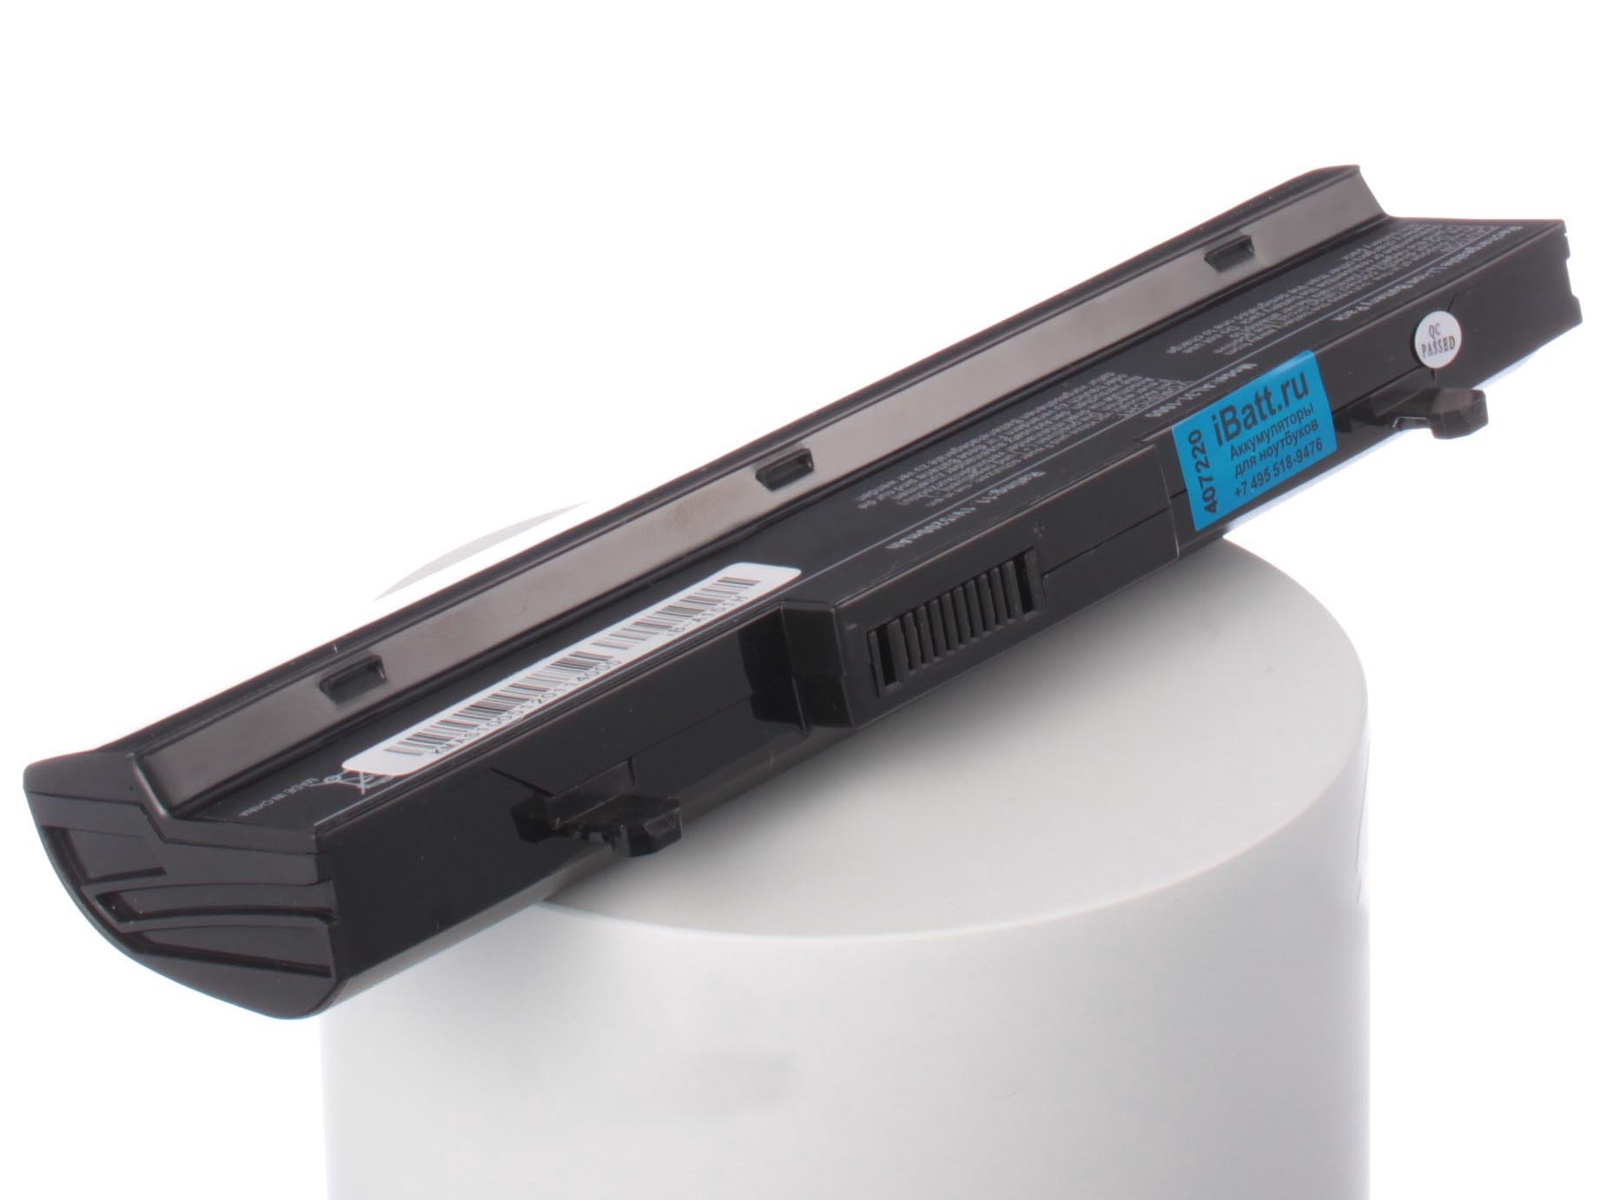 Аккумулятор для ноутбука iBatt Asus AL32-1005, ML32-1005, ML31-1005, AL31-1005, PL32-1005, 90-OA001B9000, 90-OA001B9100 цена 2017